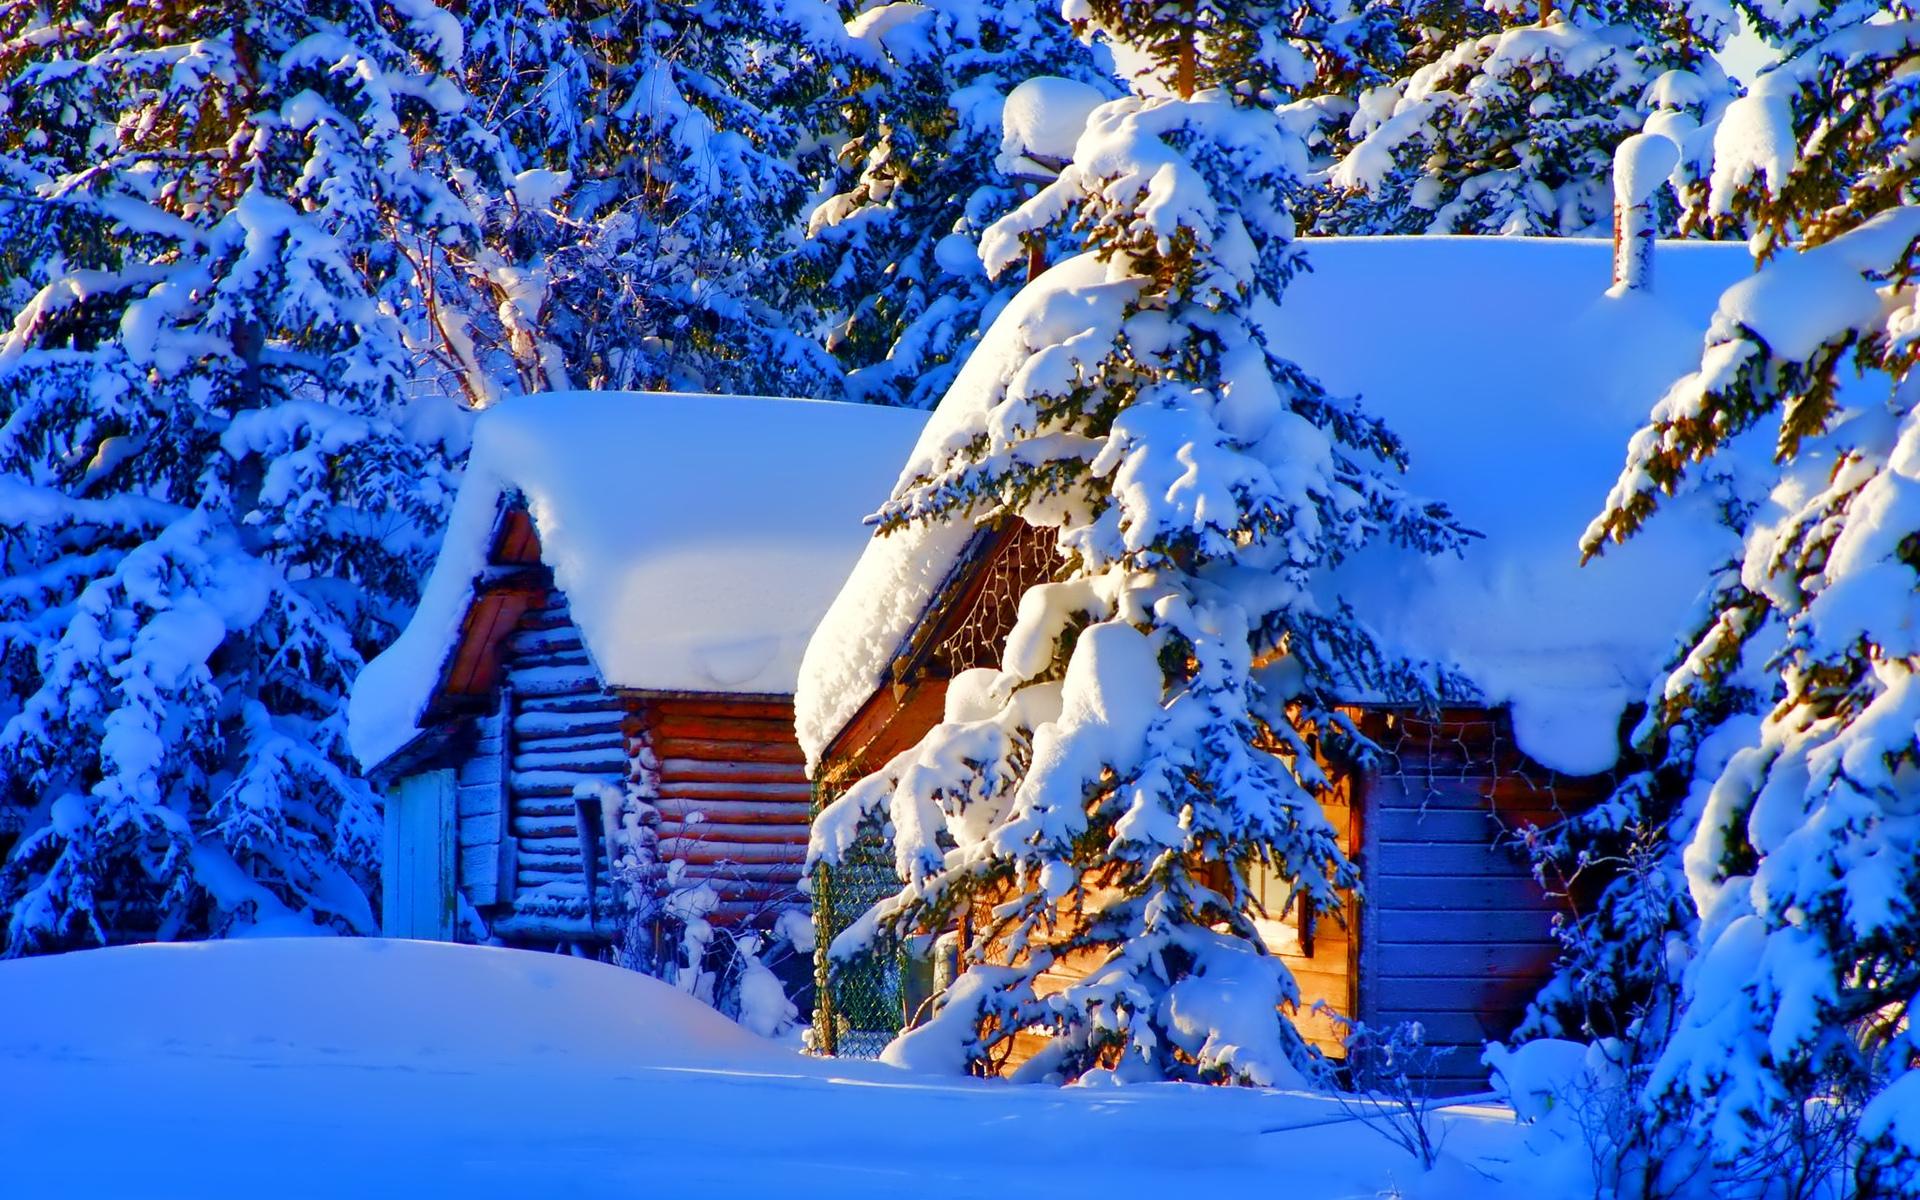 тонким, картинка снежные домики подходящего варианта